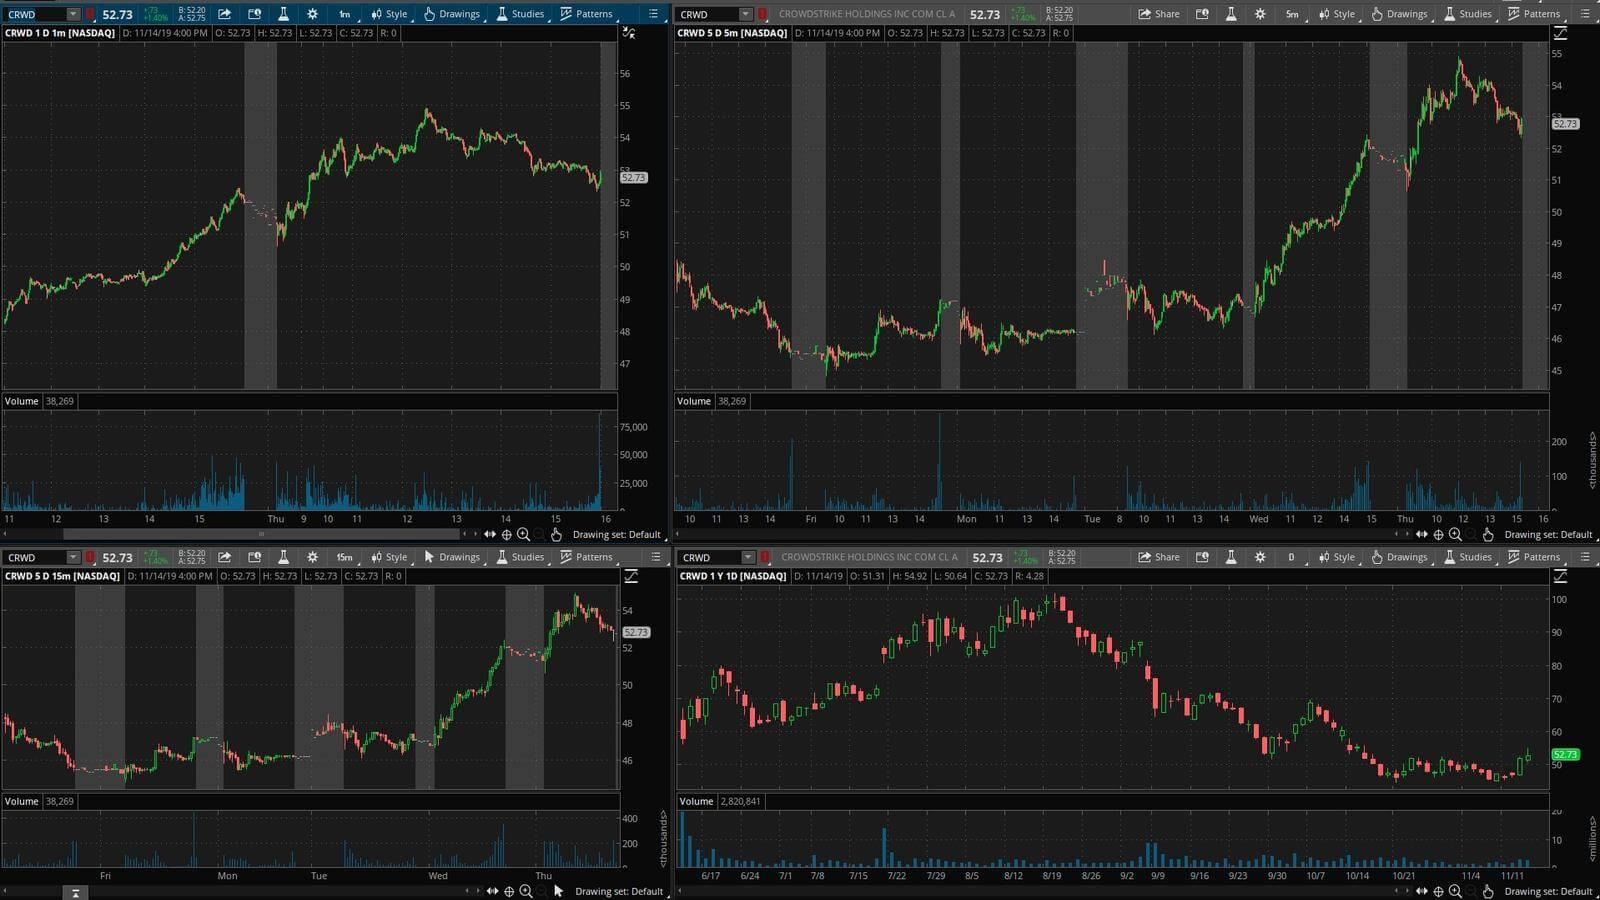 CRWD - график акции на фондовой бирже